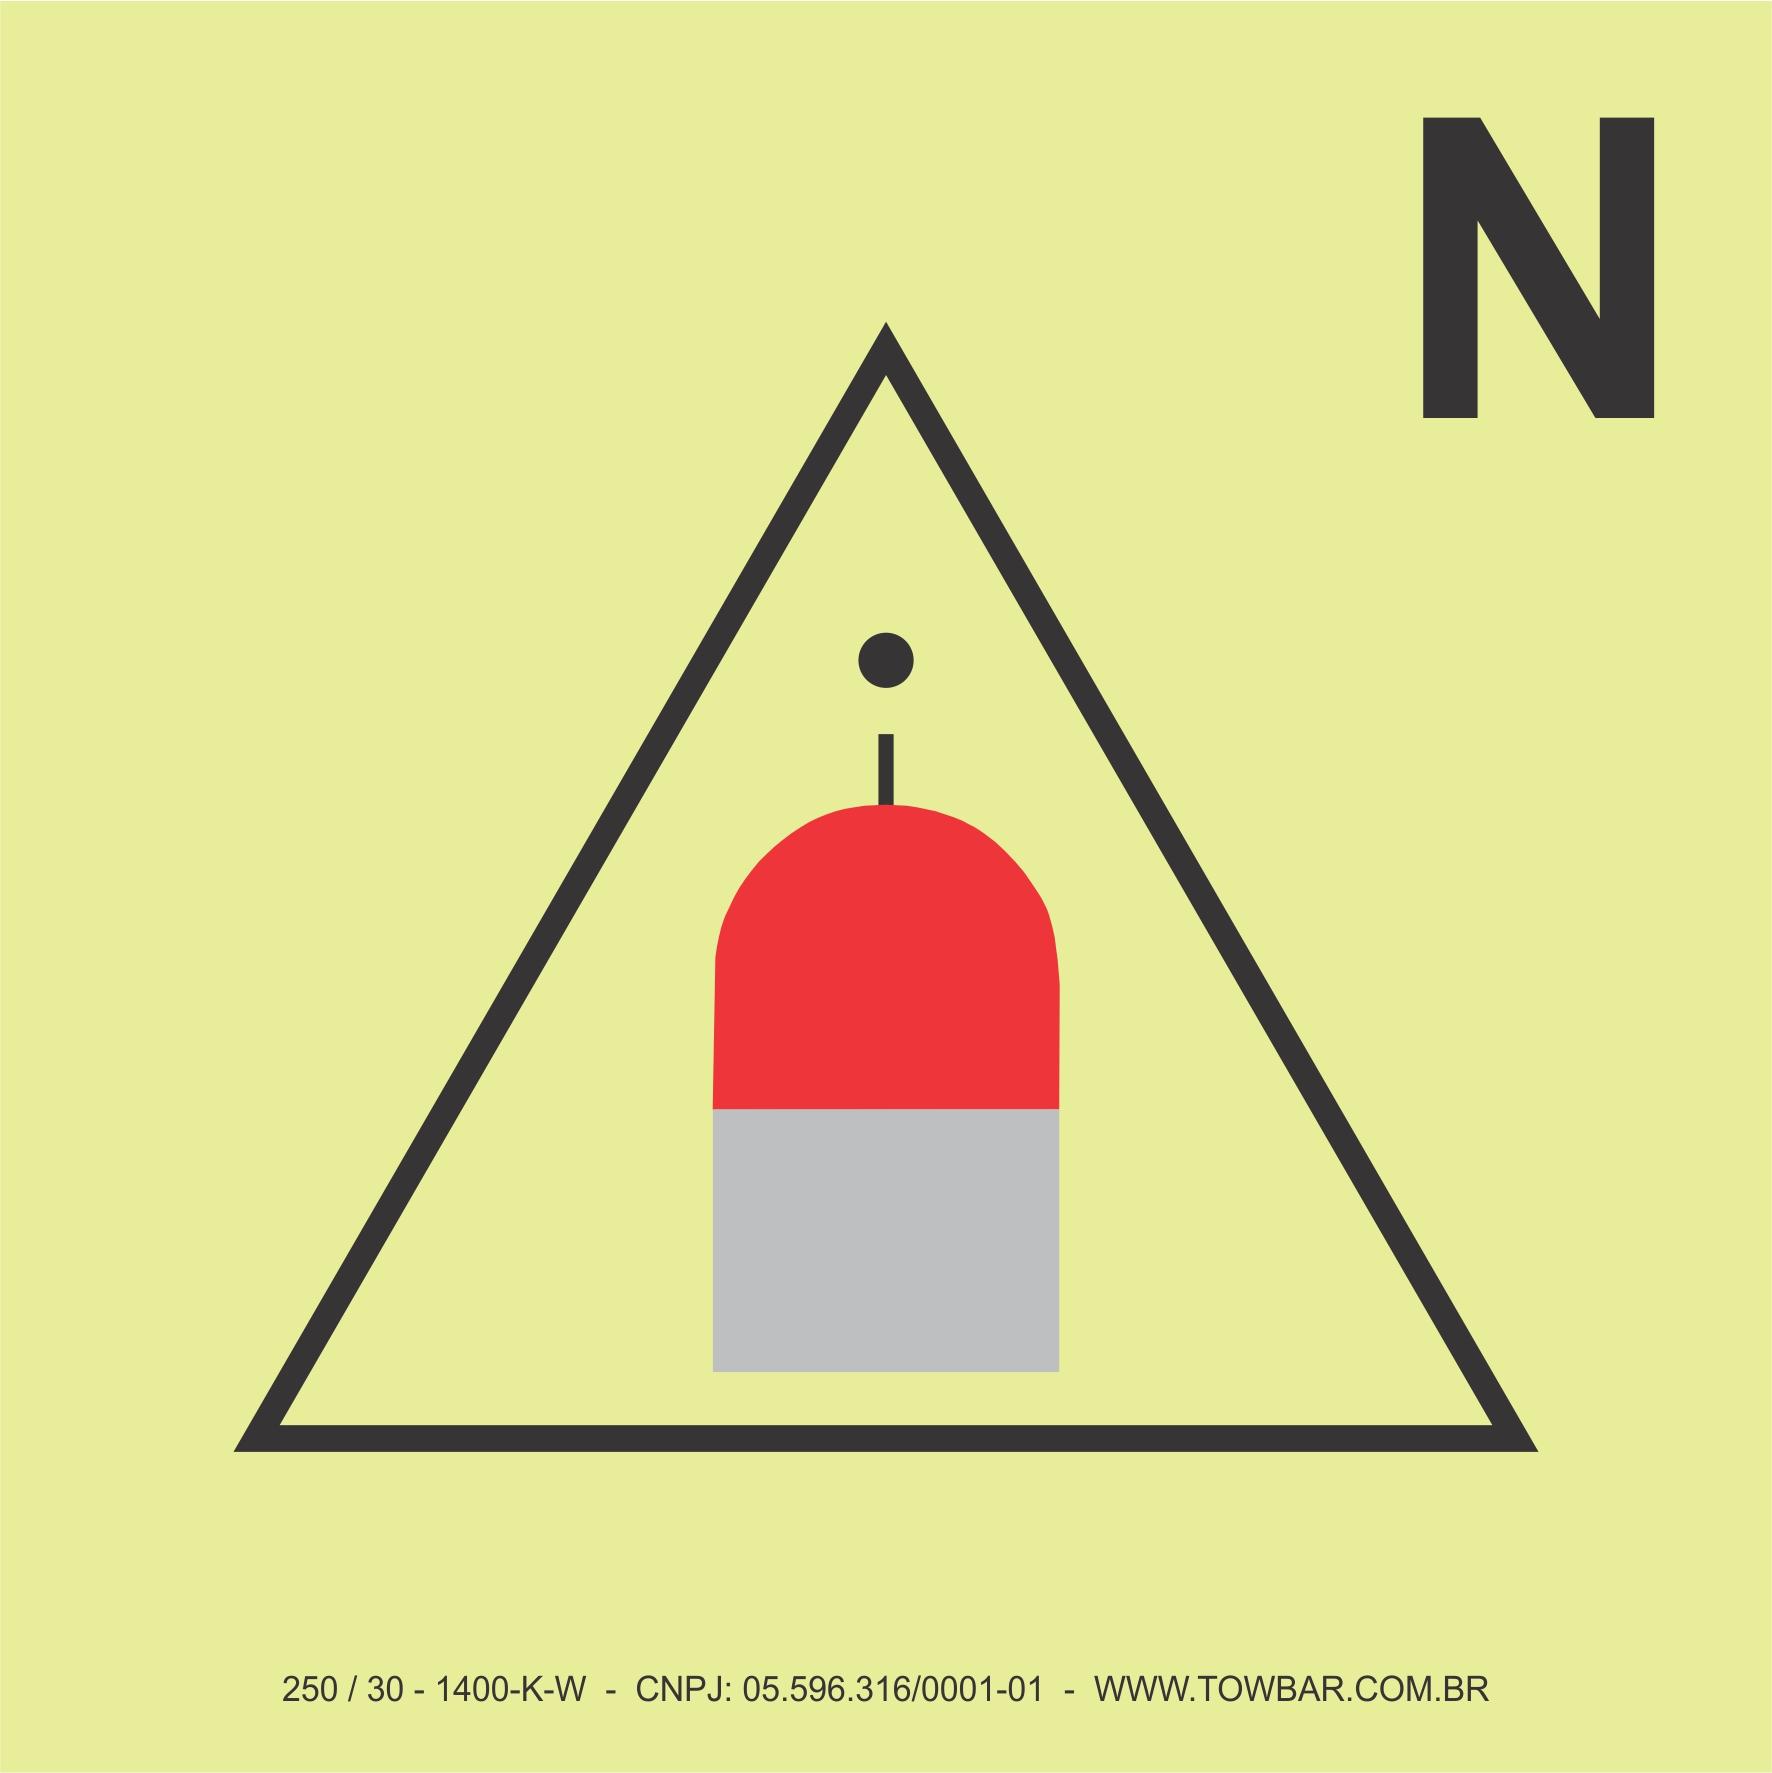 Nitrogen Remote Release Station  - Towbar Sinalização de Segurança